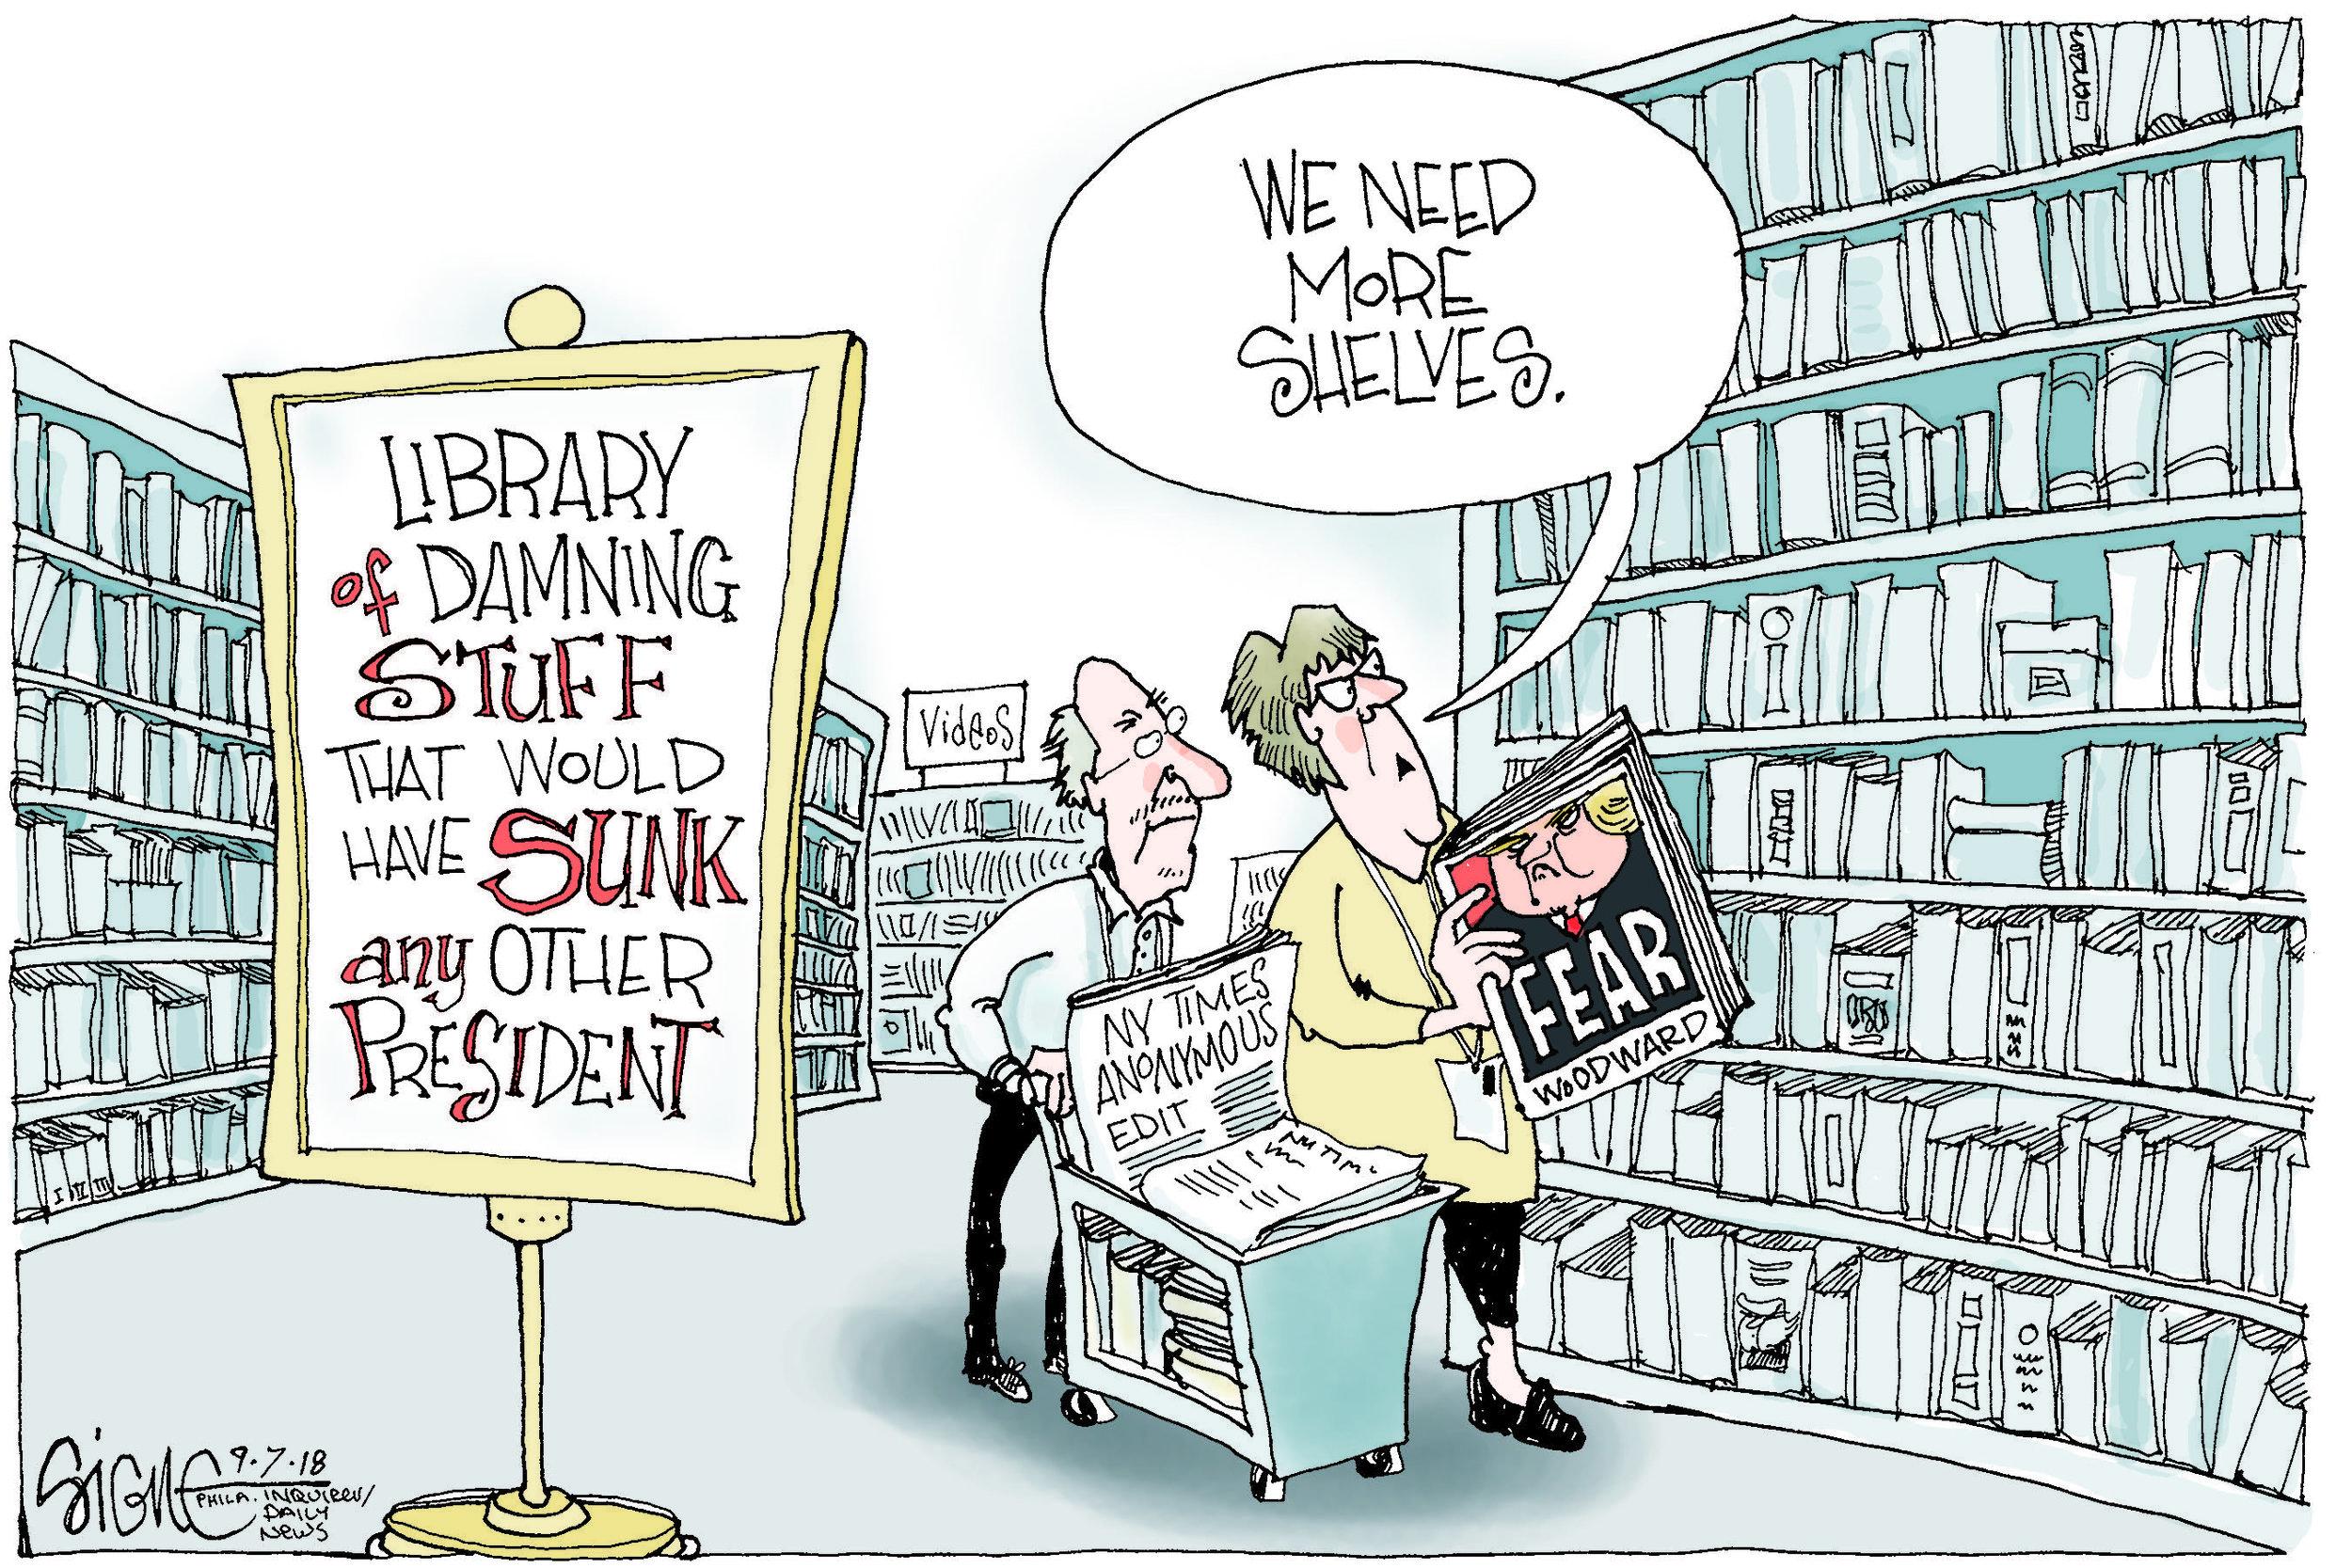 09-07-18 Trump LibraryC.jpg